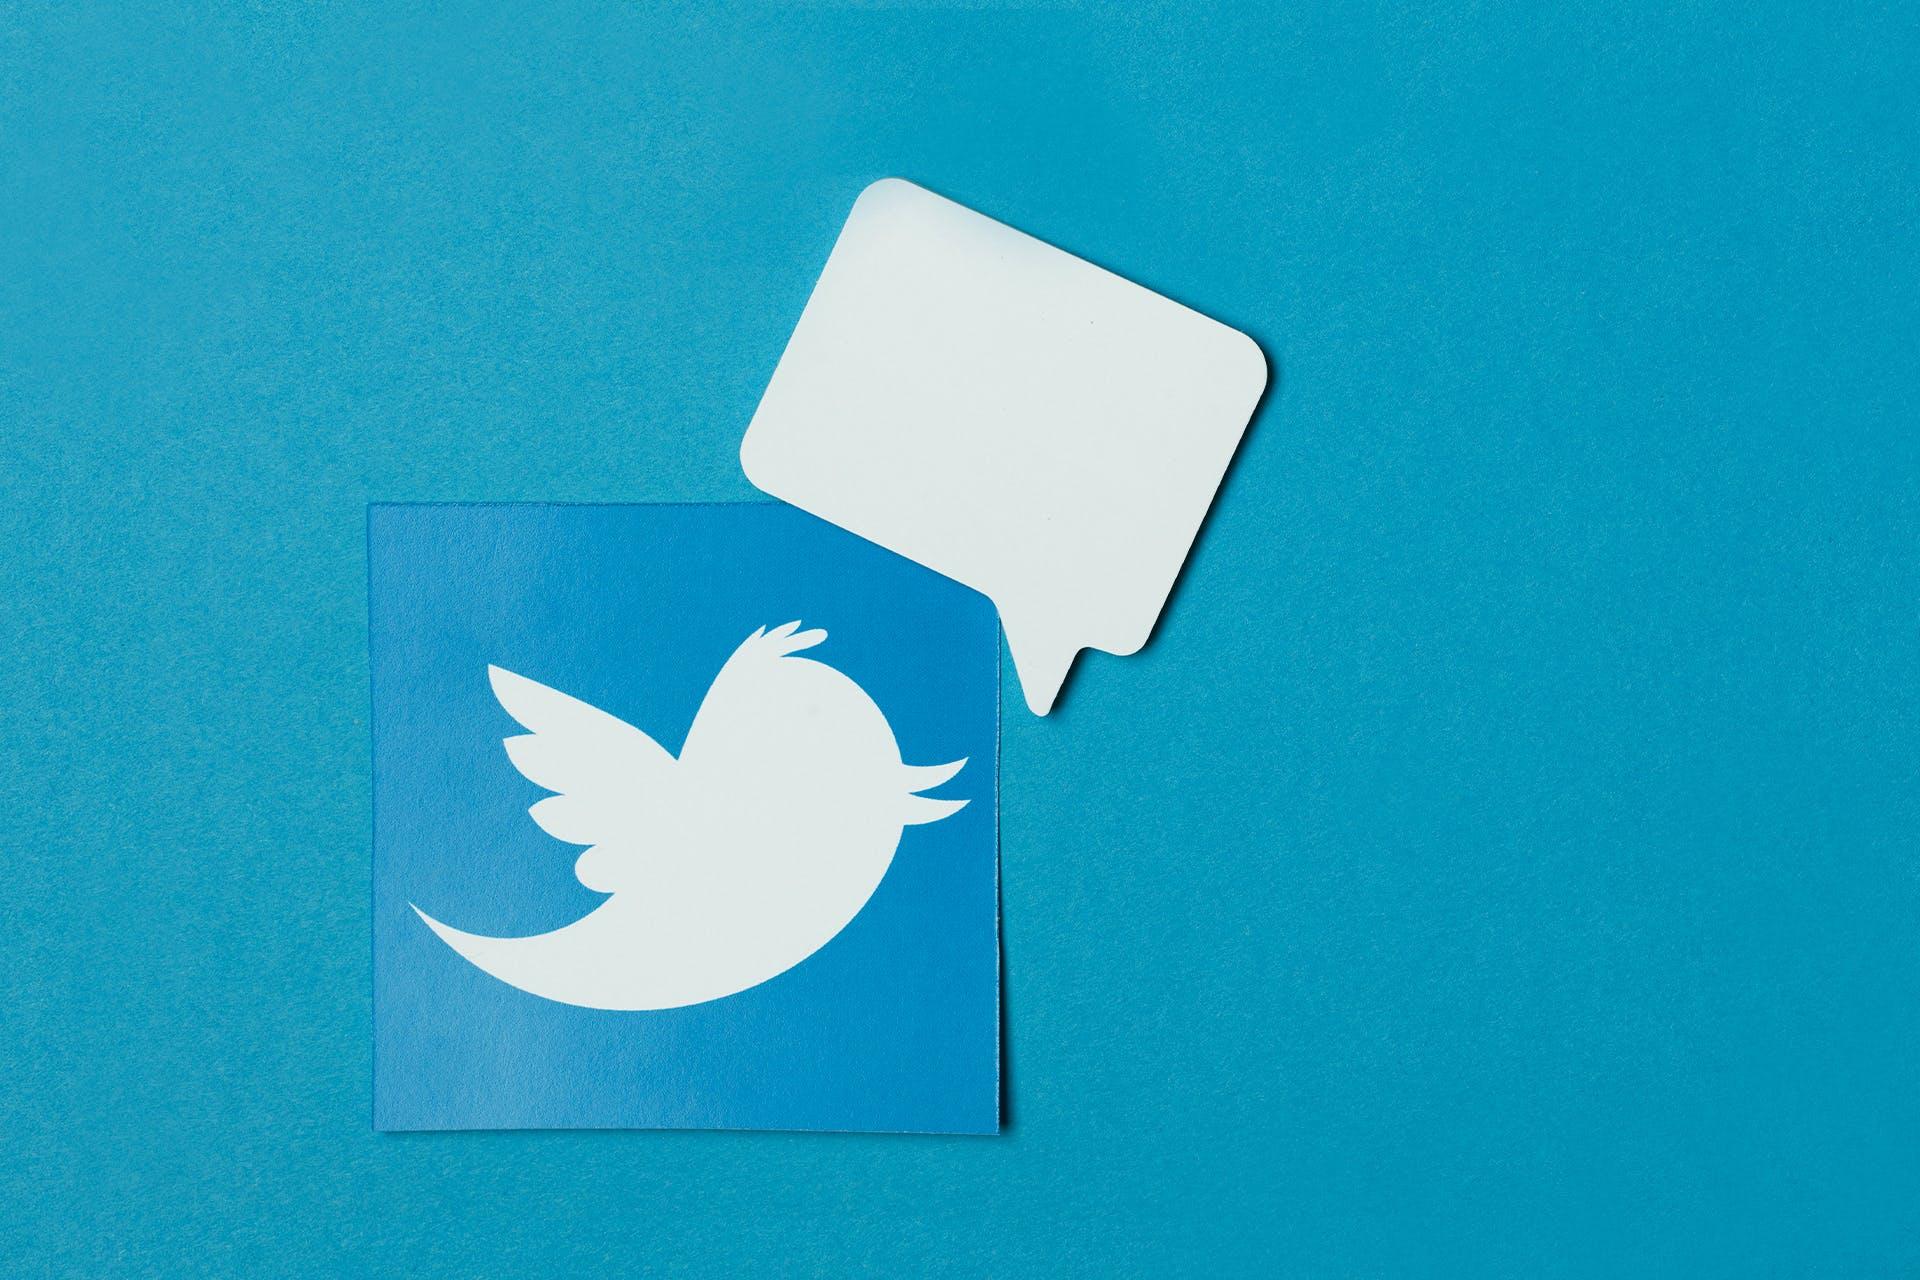 Twitter bird on dark blue background